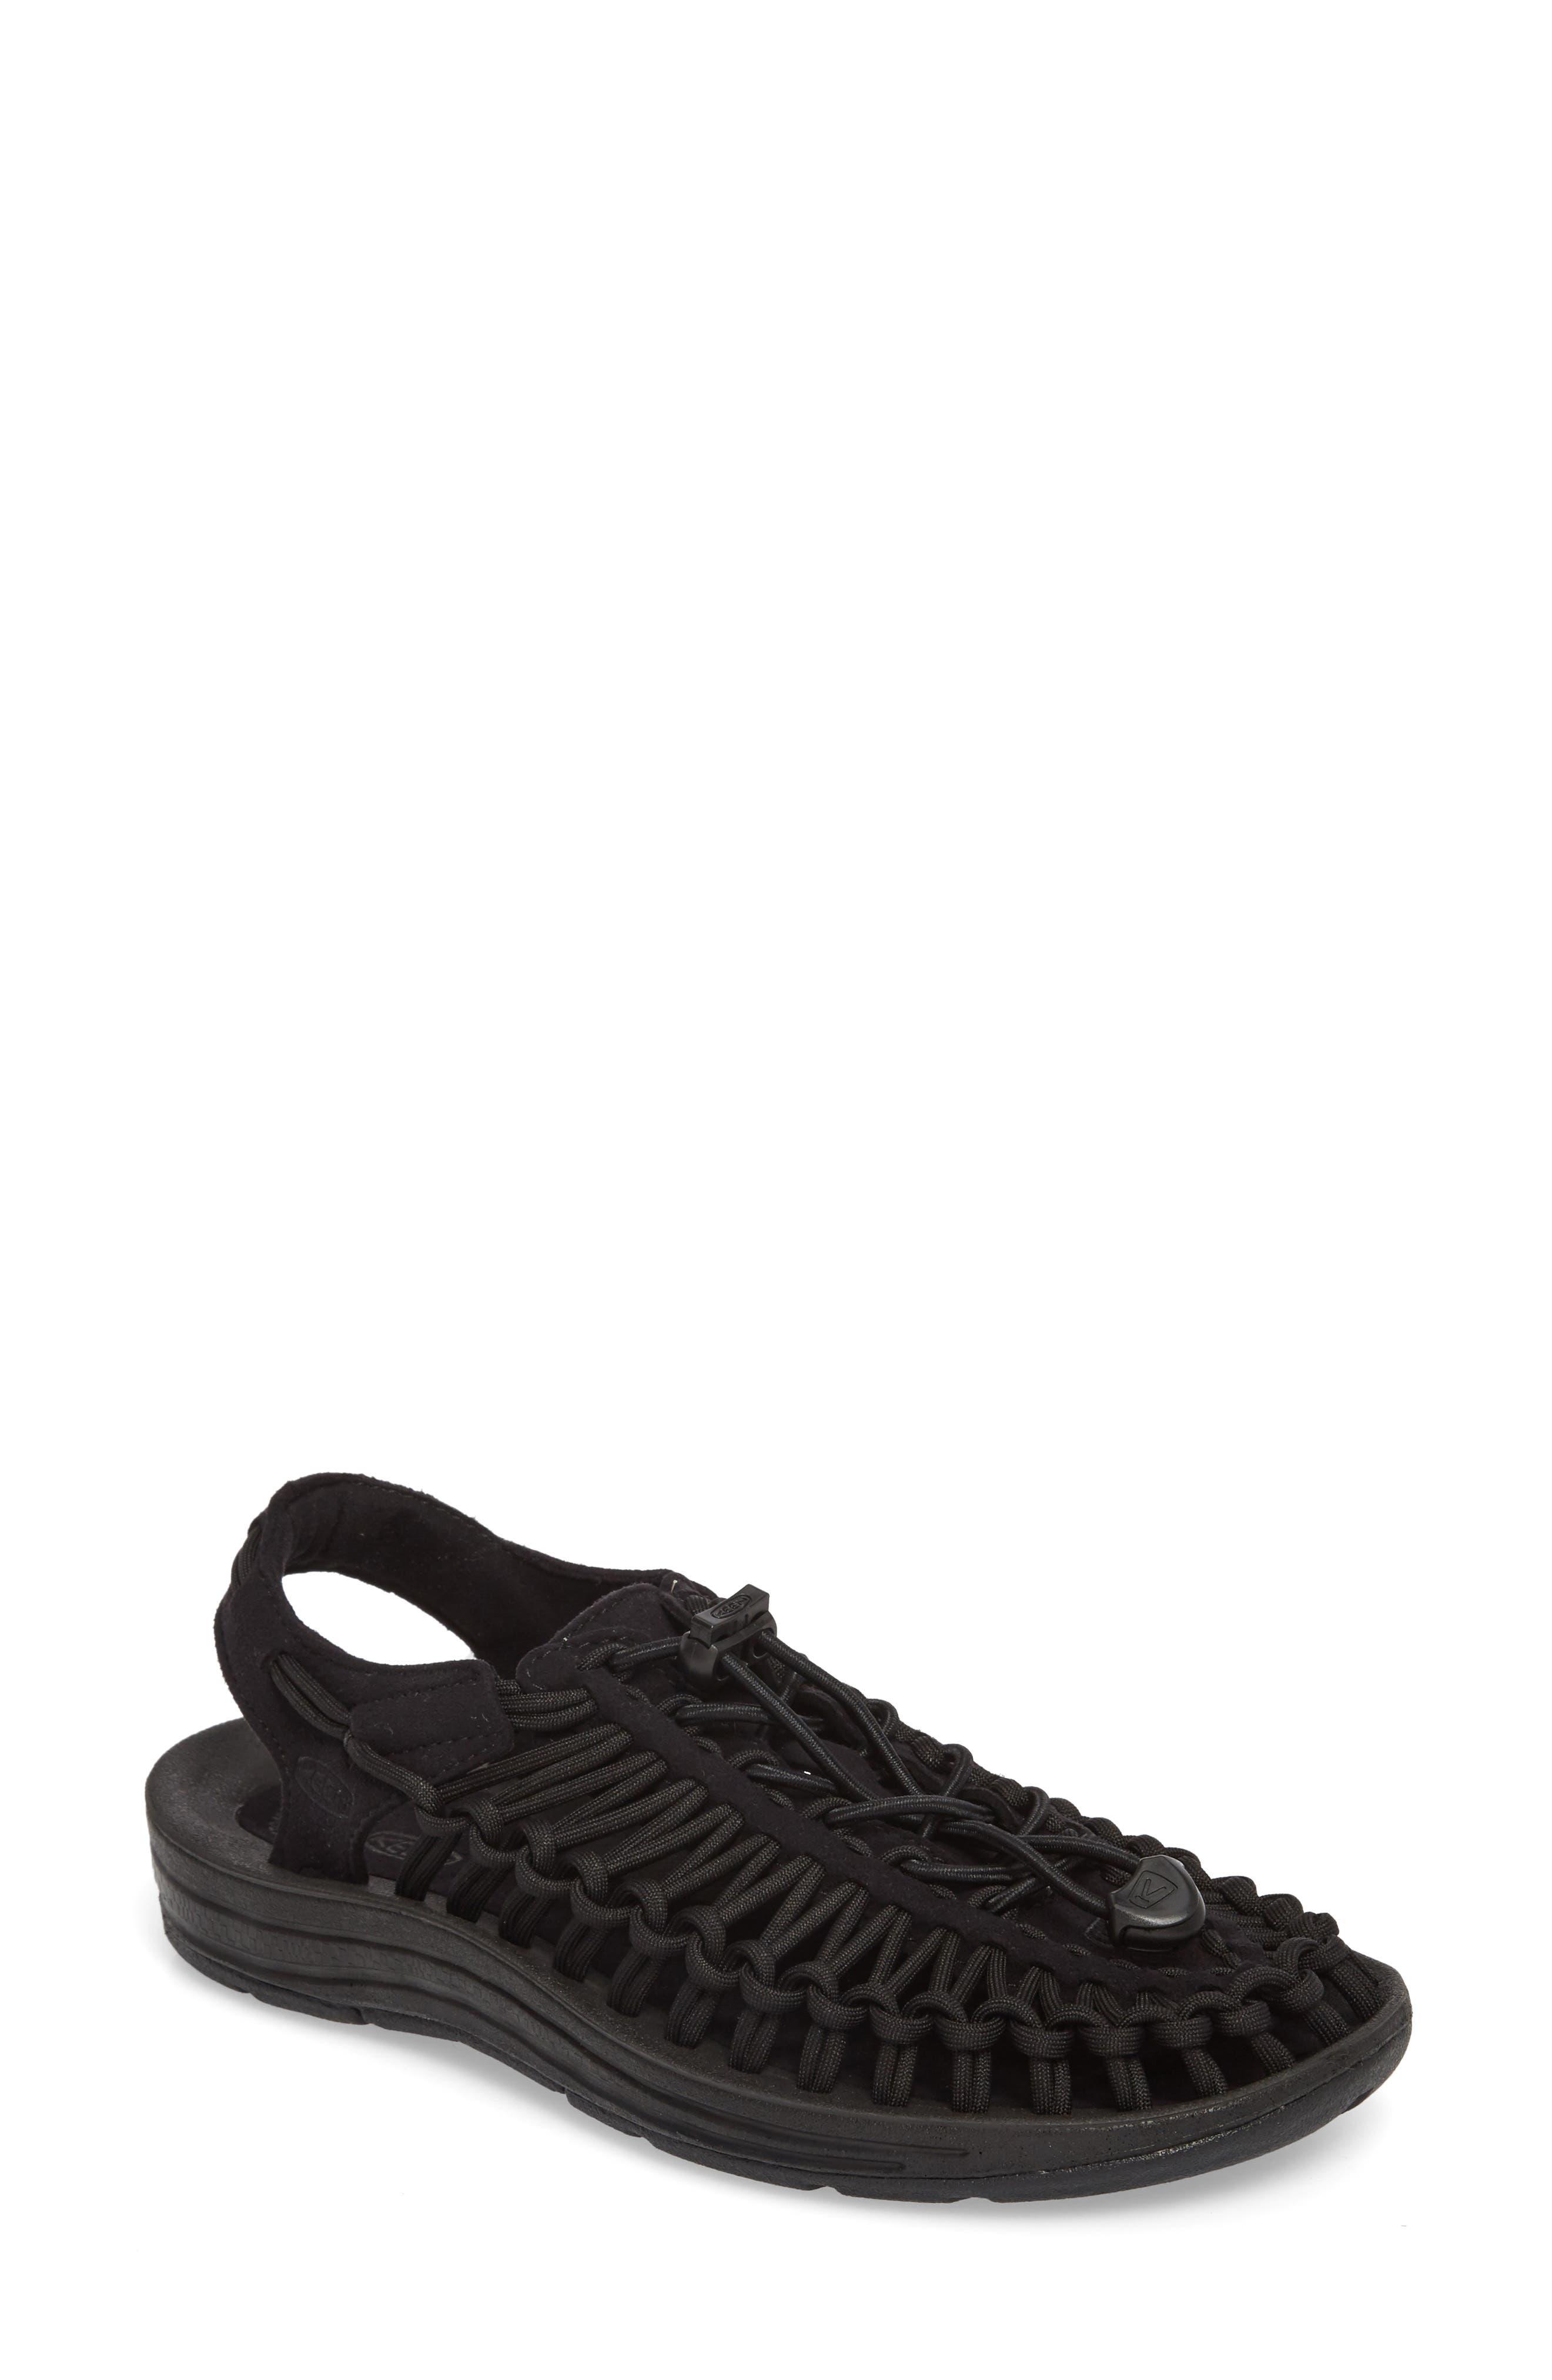 'Uneek' Water Sneaker